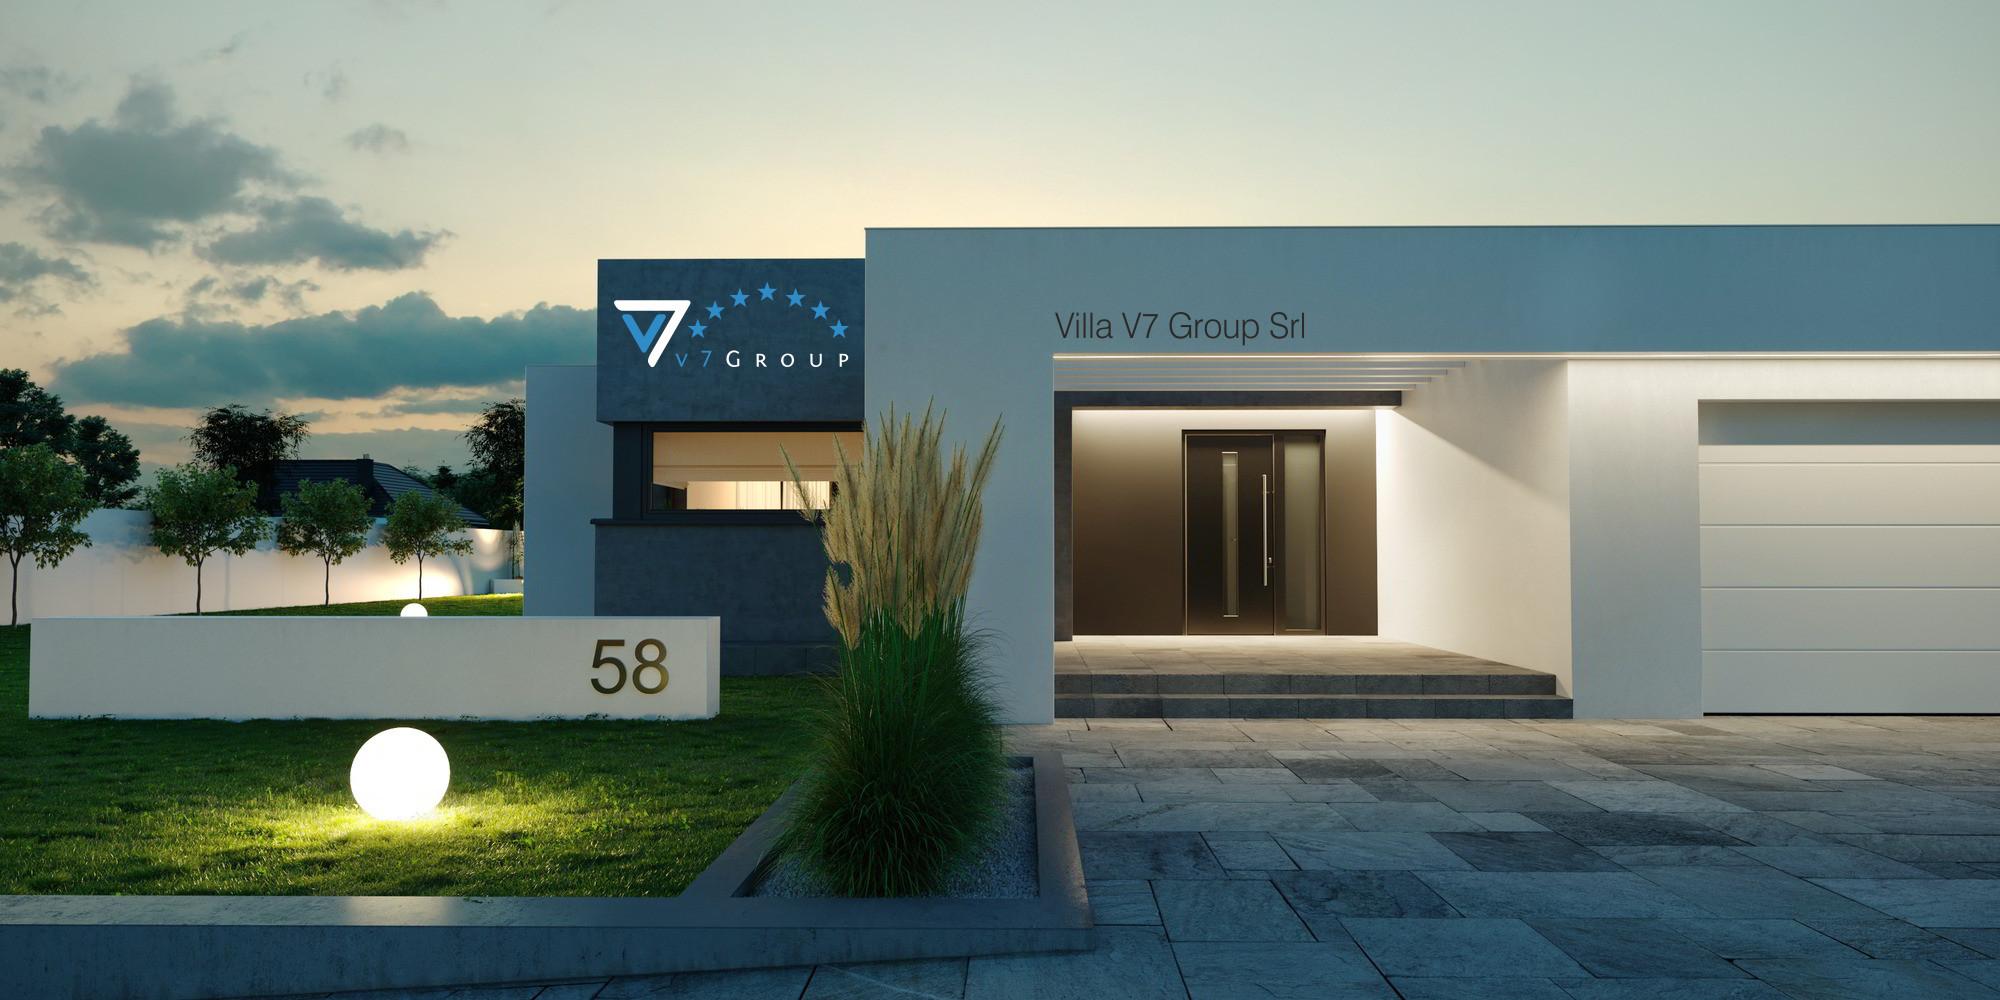 V7 group srl realizzazione e progettazione di ville in for Ville stile moderno